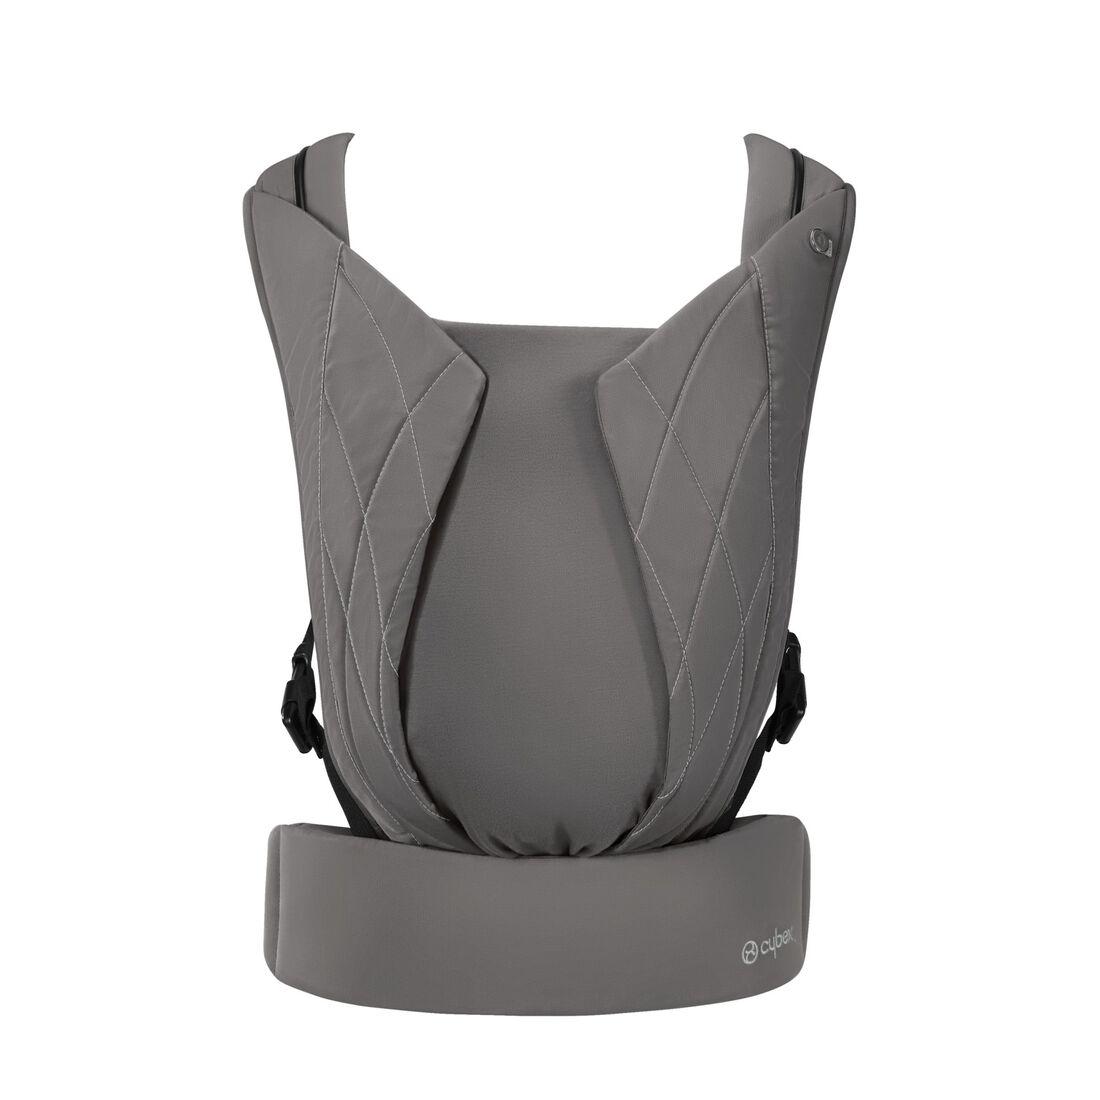 CYBEX Yema Click - Soho Grey in Soho Grey large image number 1